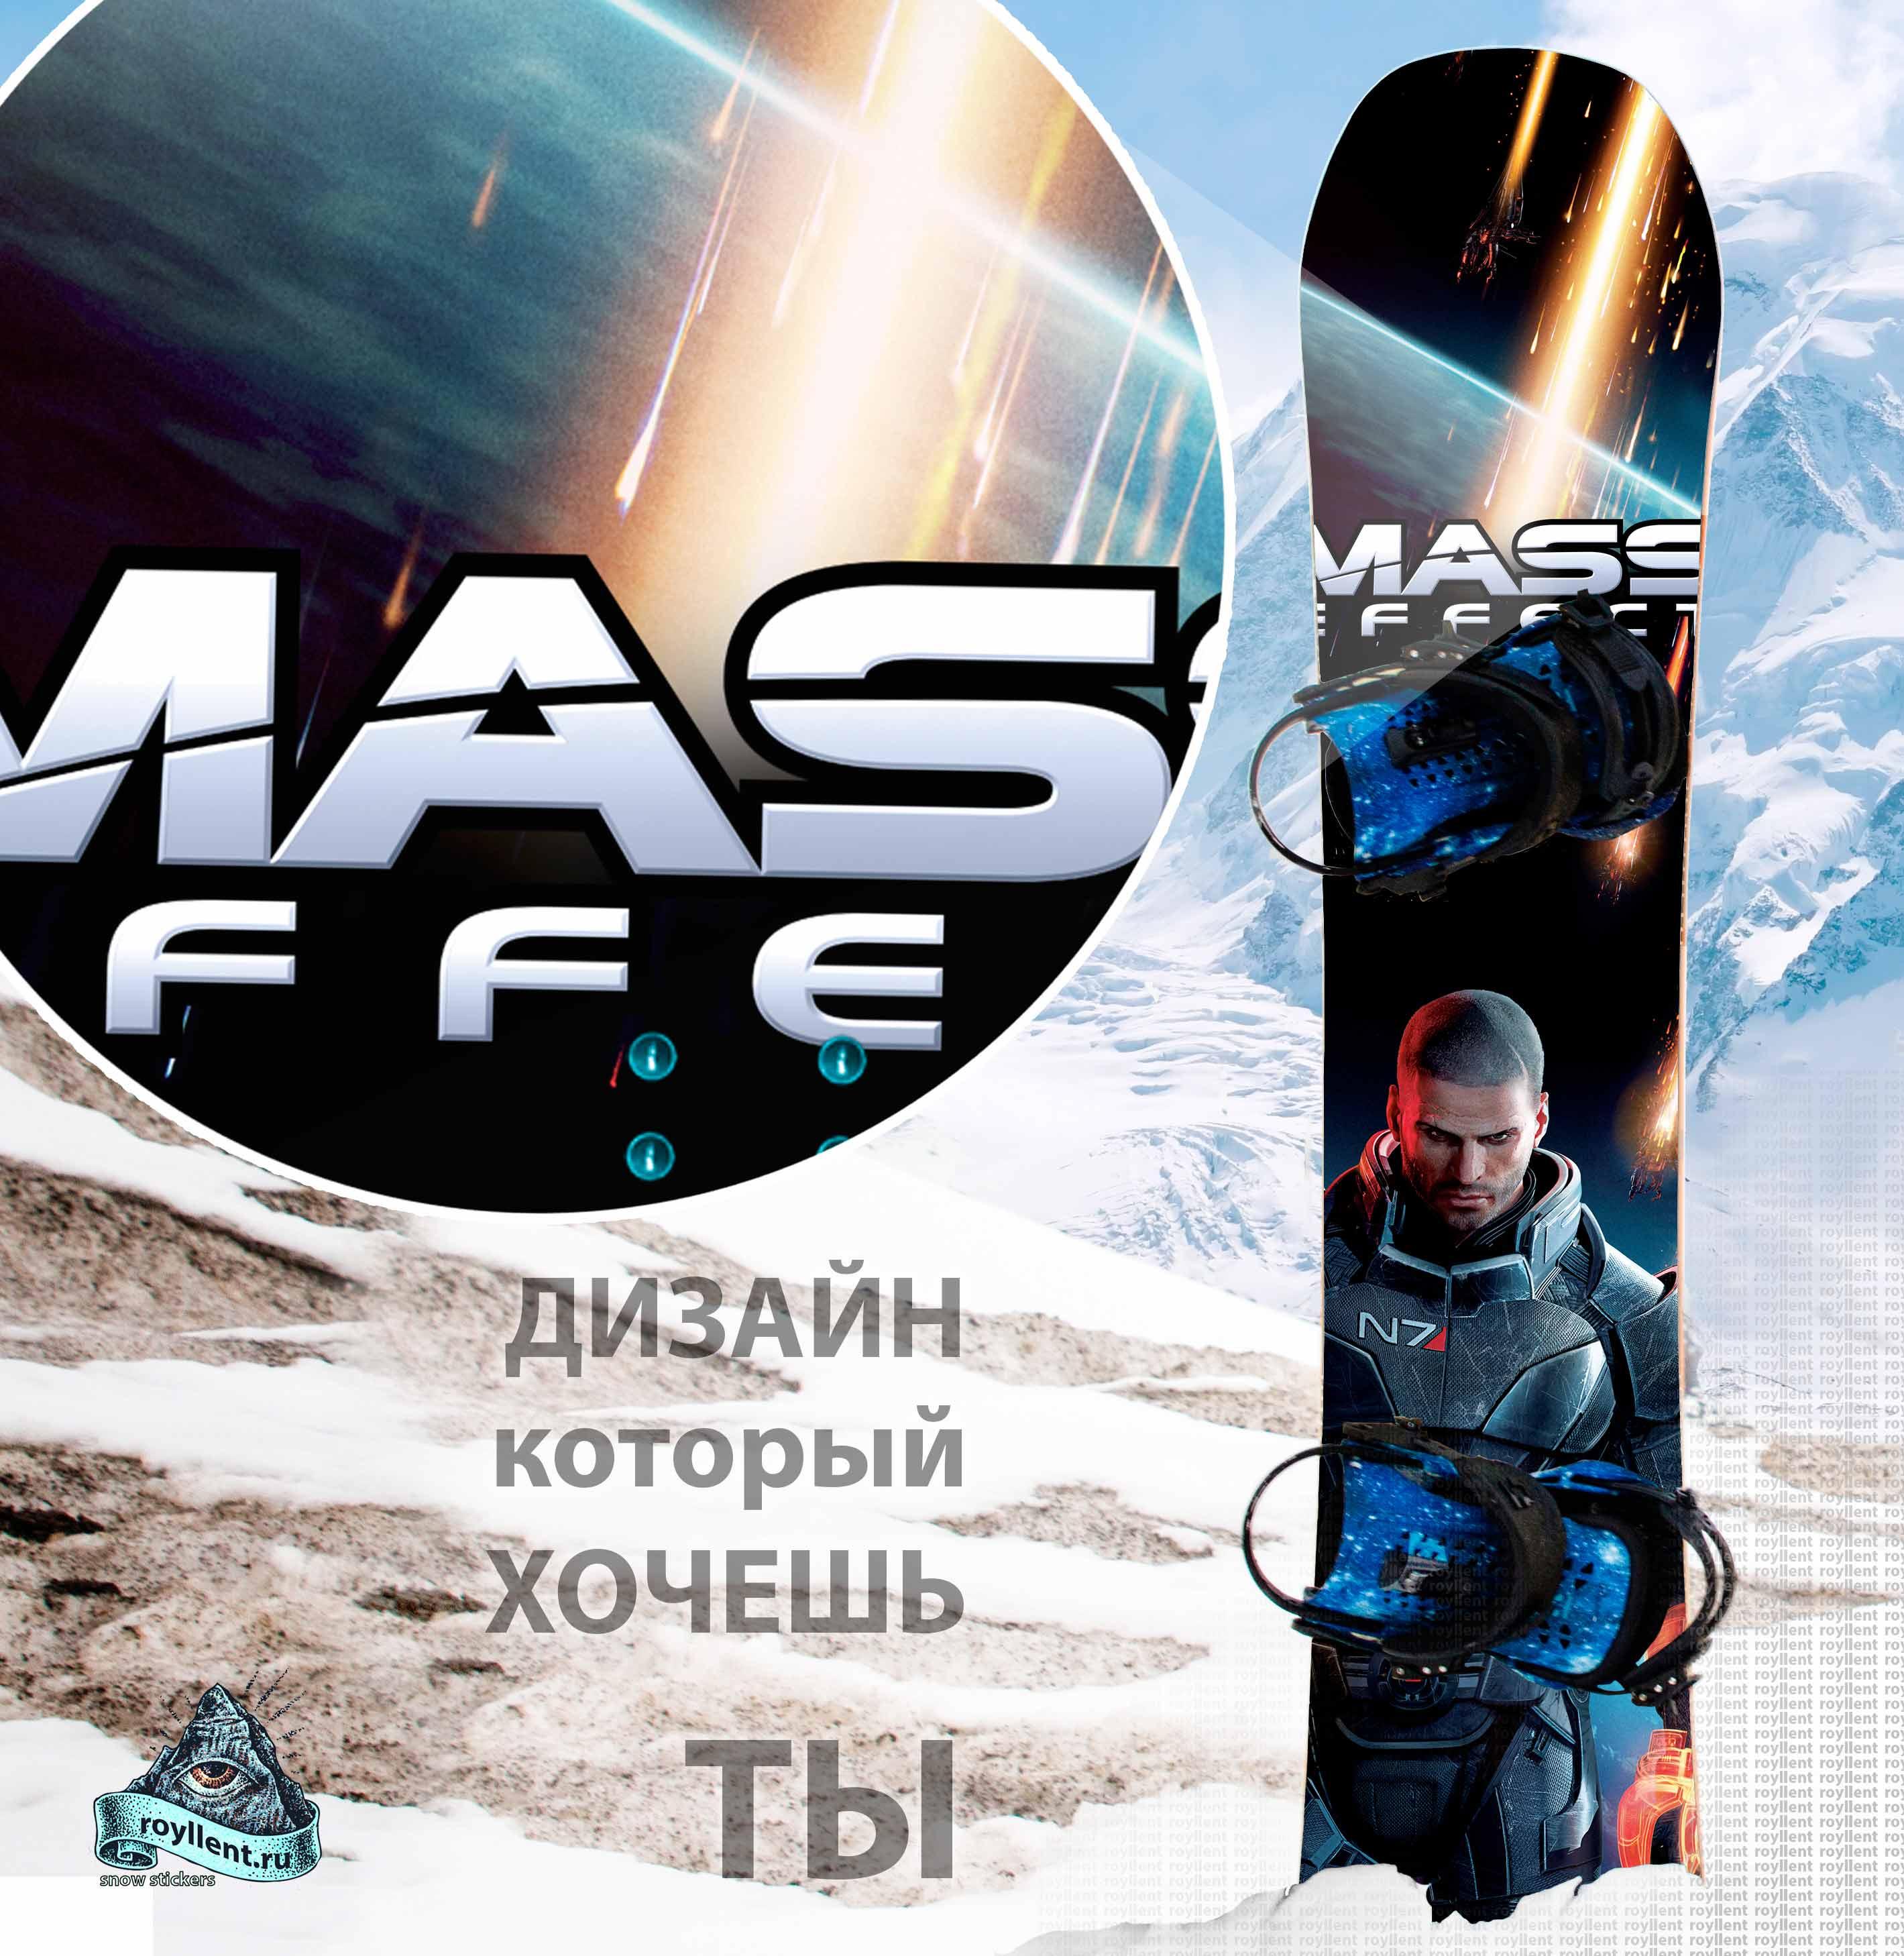 Наклейка Game Mass Effect 3, snowboard Game Design , наклейка Mass Effect 3 Game Design , наклейка на доску Mass Effect 3 Game Design, сноуборд наклейка Mass Effect 3 Game Design, виниловая наклейка Mass Effect 3 Game Design , магазин наклеек HMass Effect 3 Game Design, купить наклейку Mass Effect 3 Game Design, стикер Mass Effect 3, sticker Mass Effect 3, наклейка Mass Effect 3, снежком, кировск